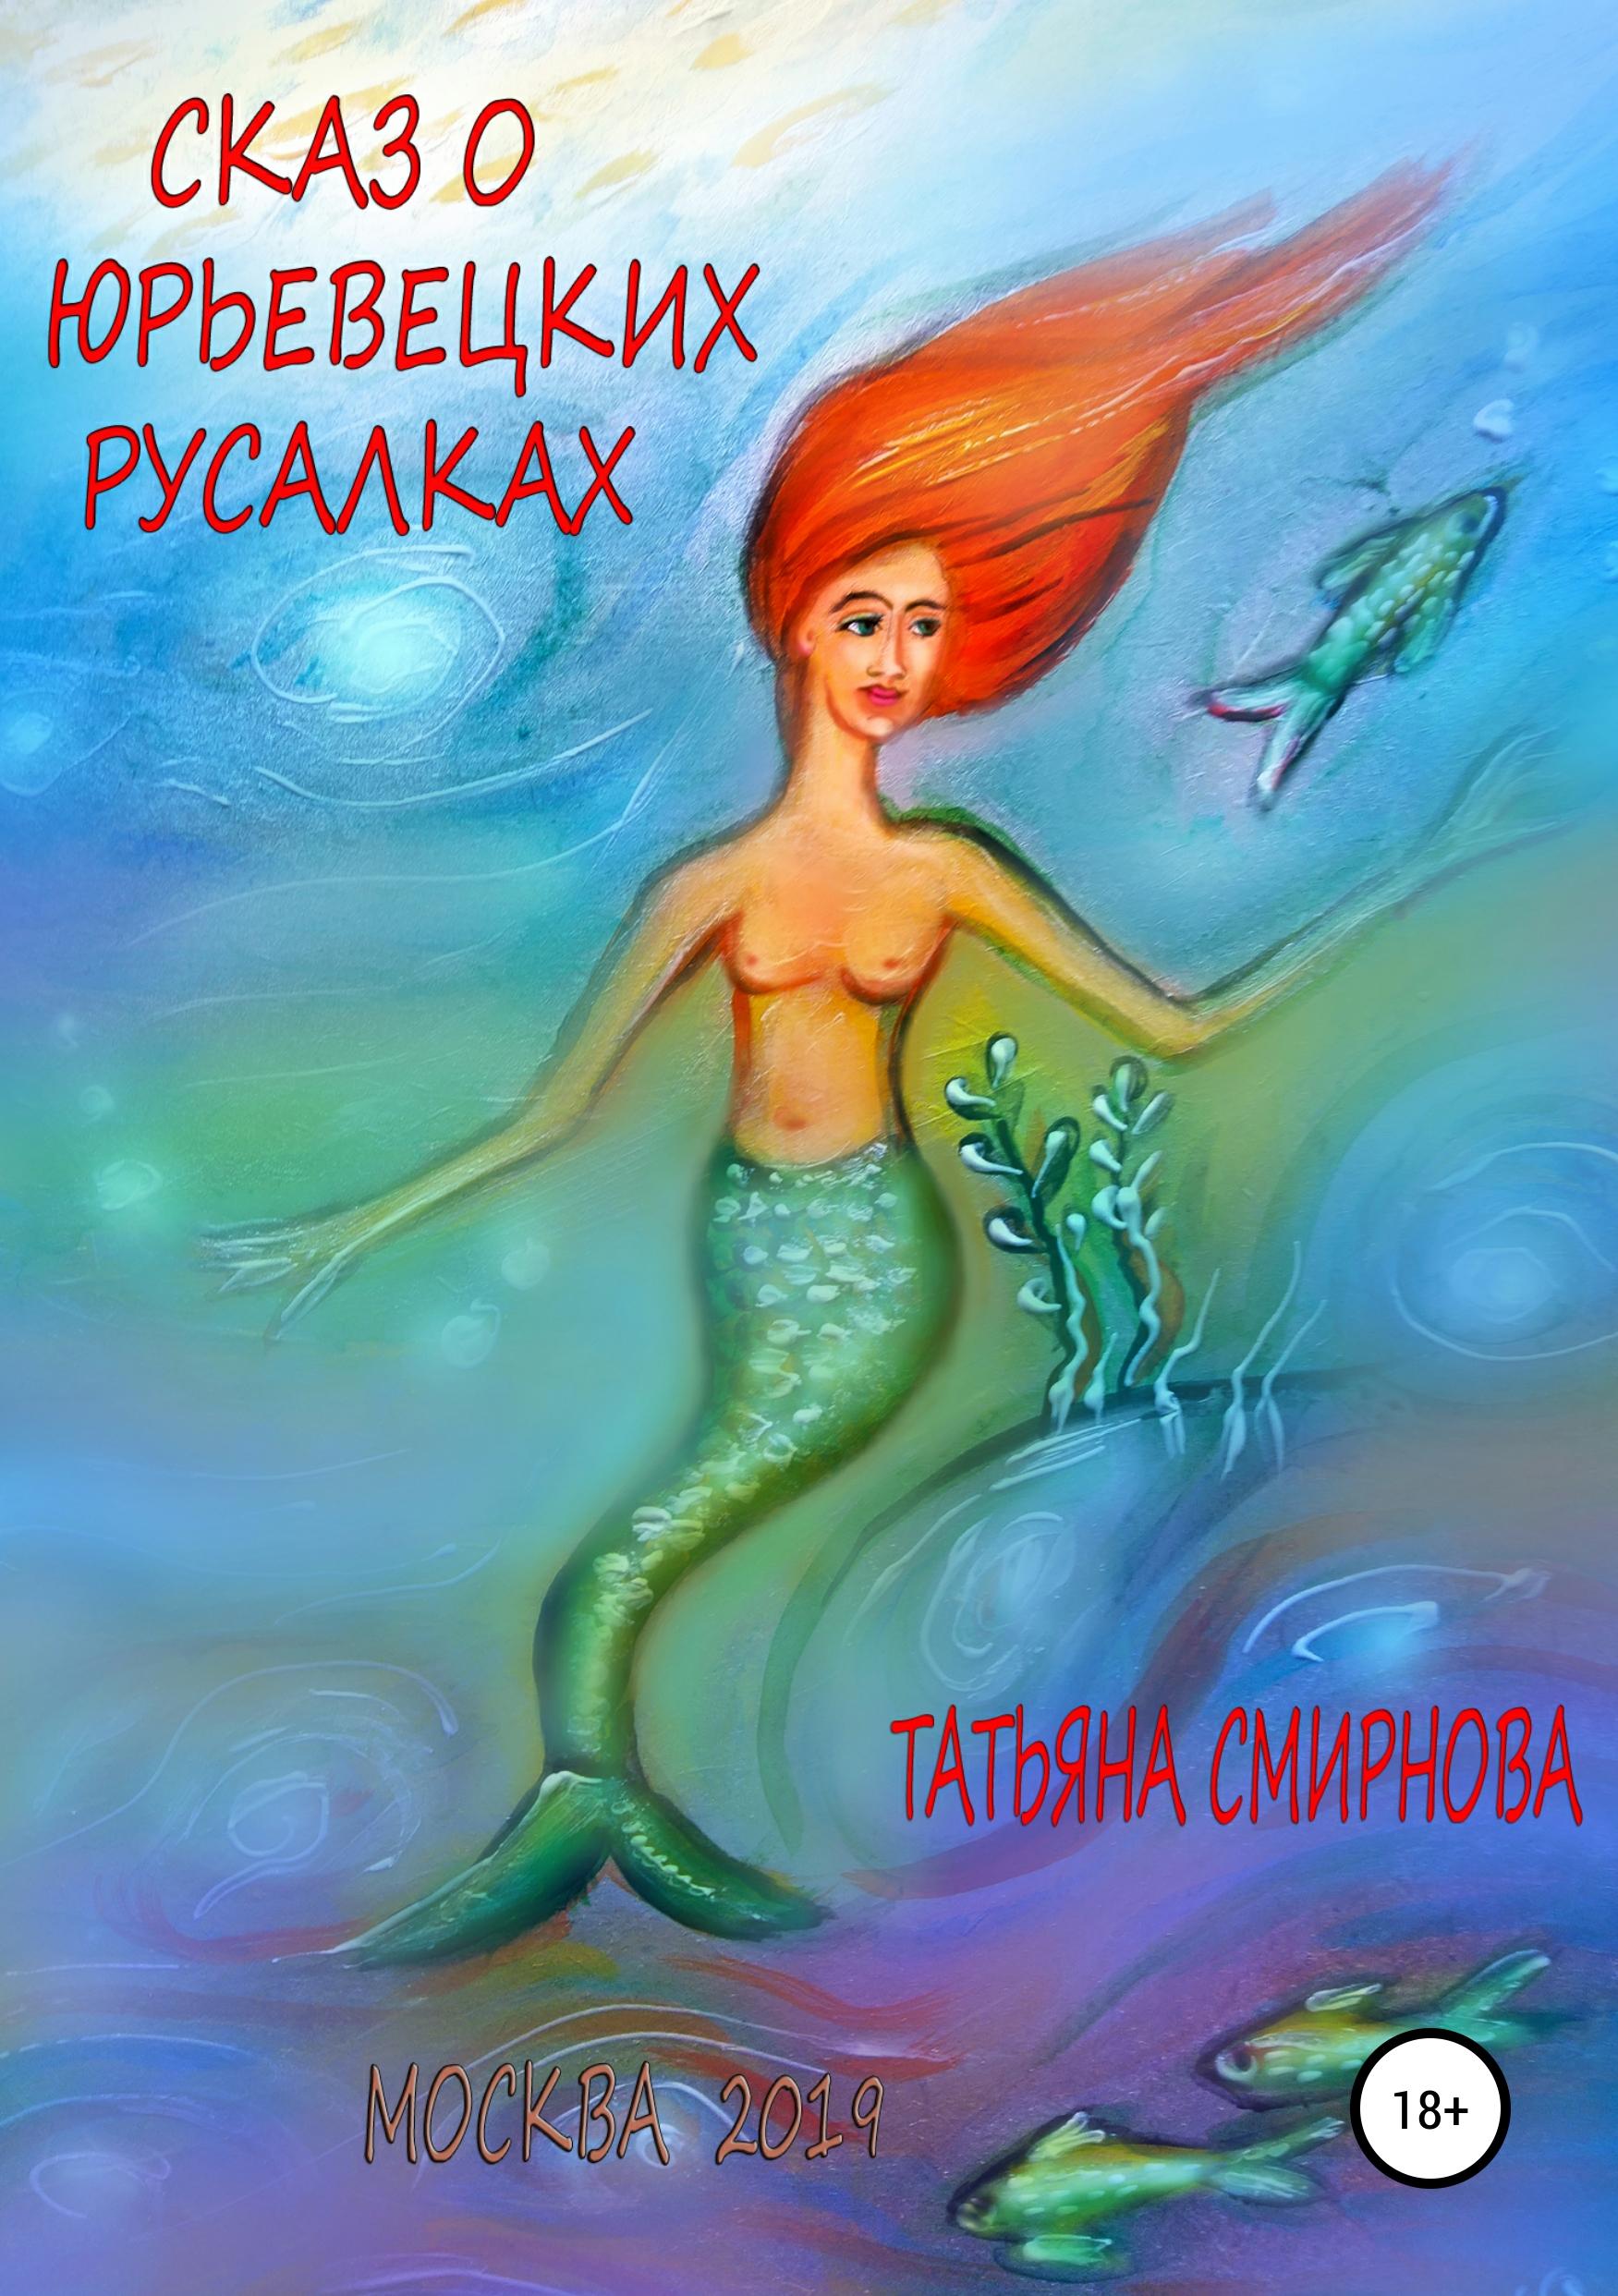 Сказ о юрьевецких русалках